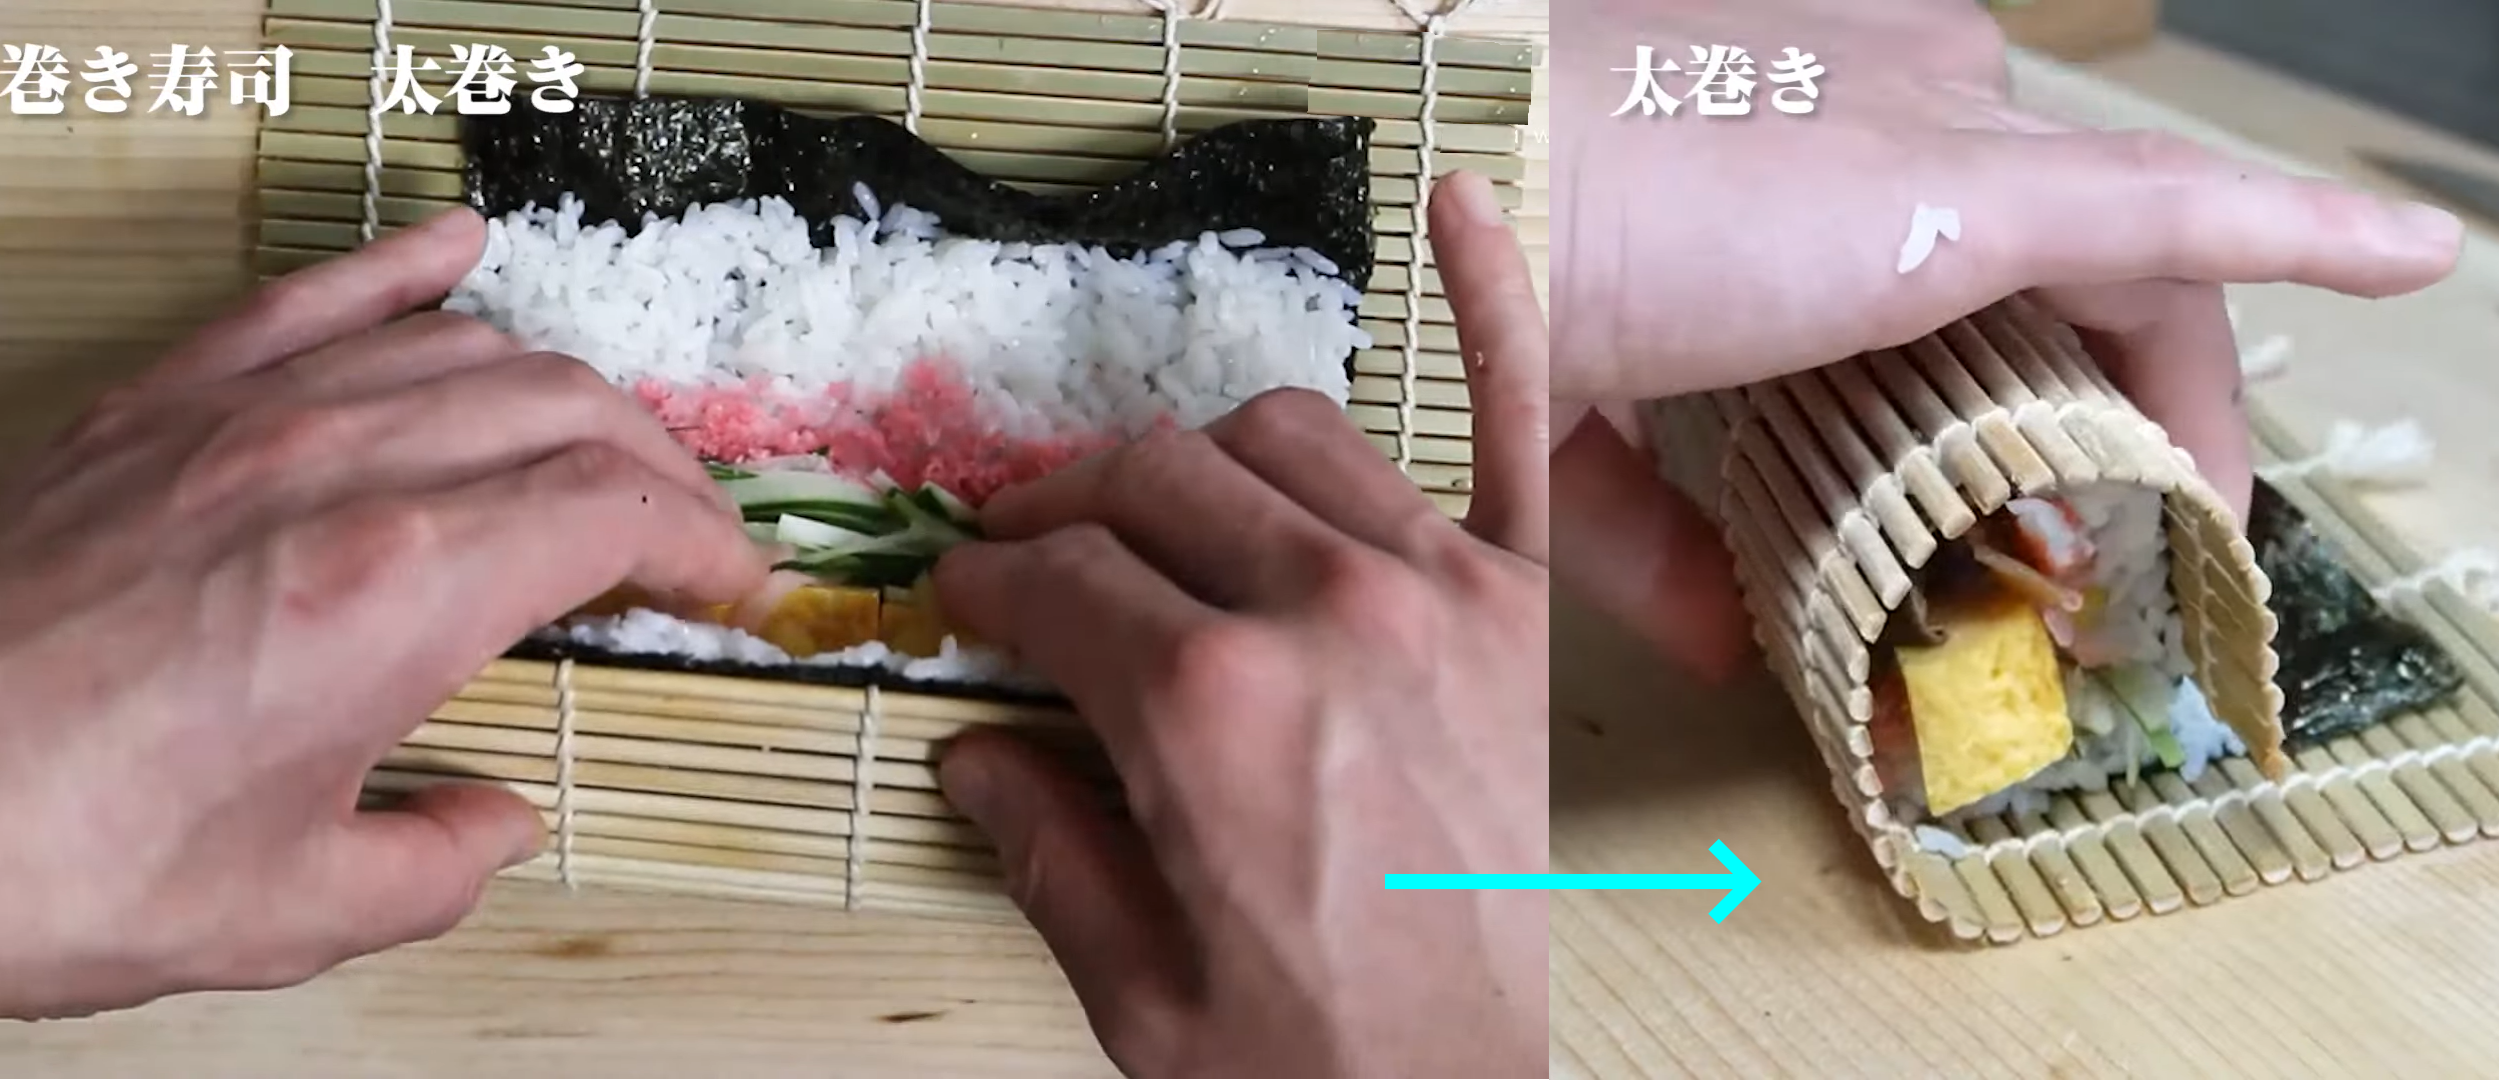 方 巻き 寿司 巻き